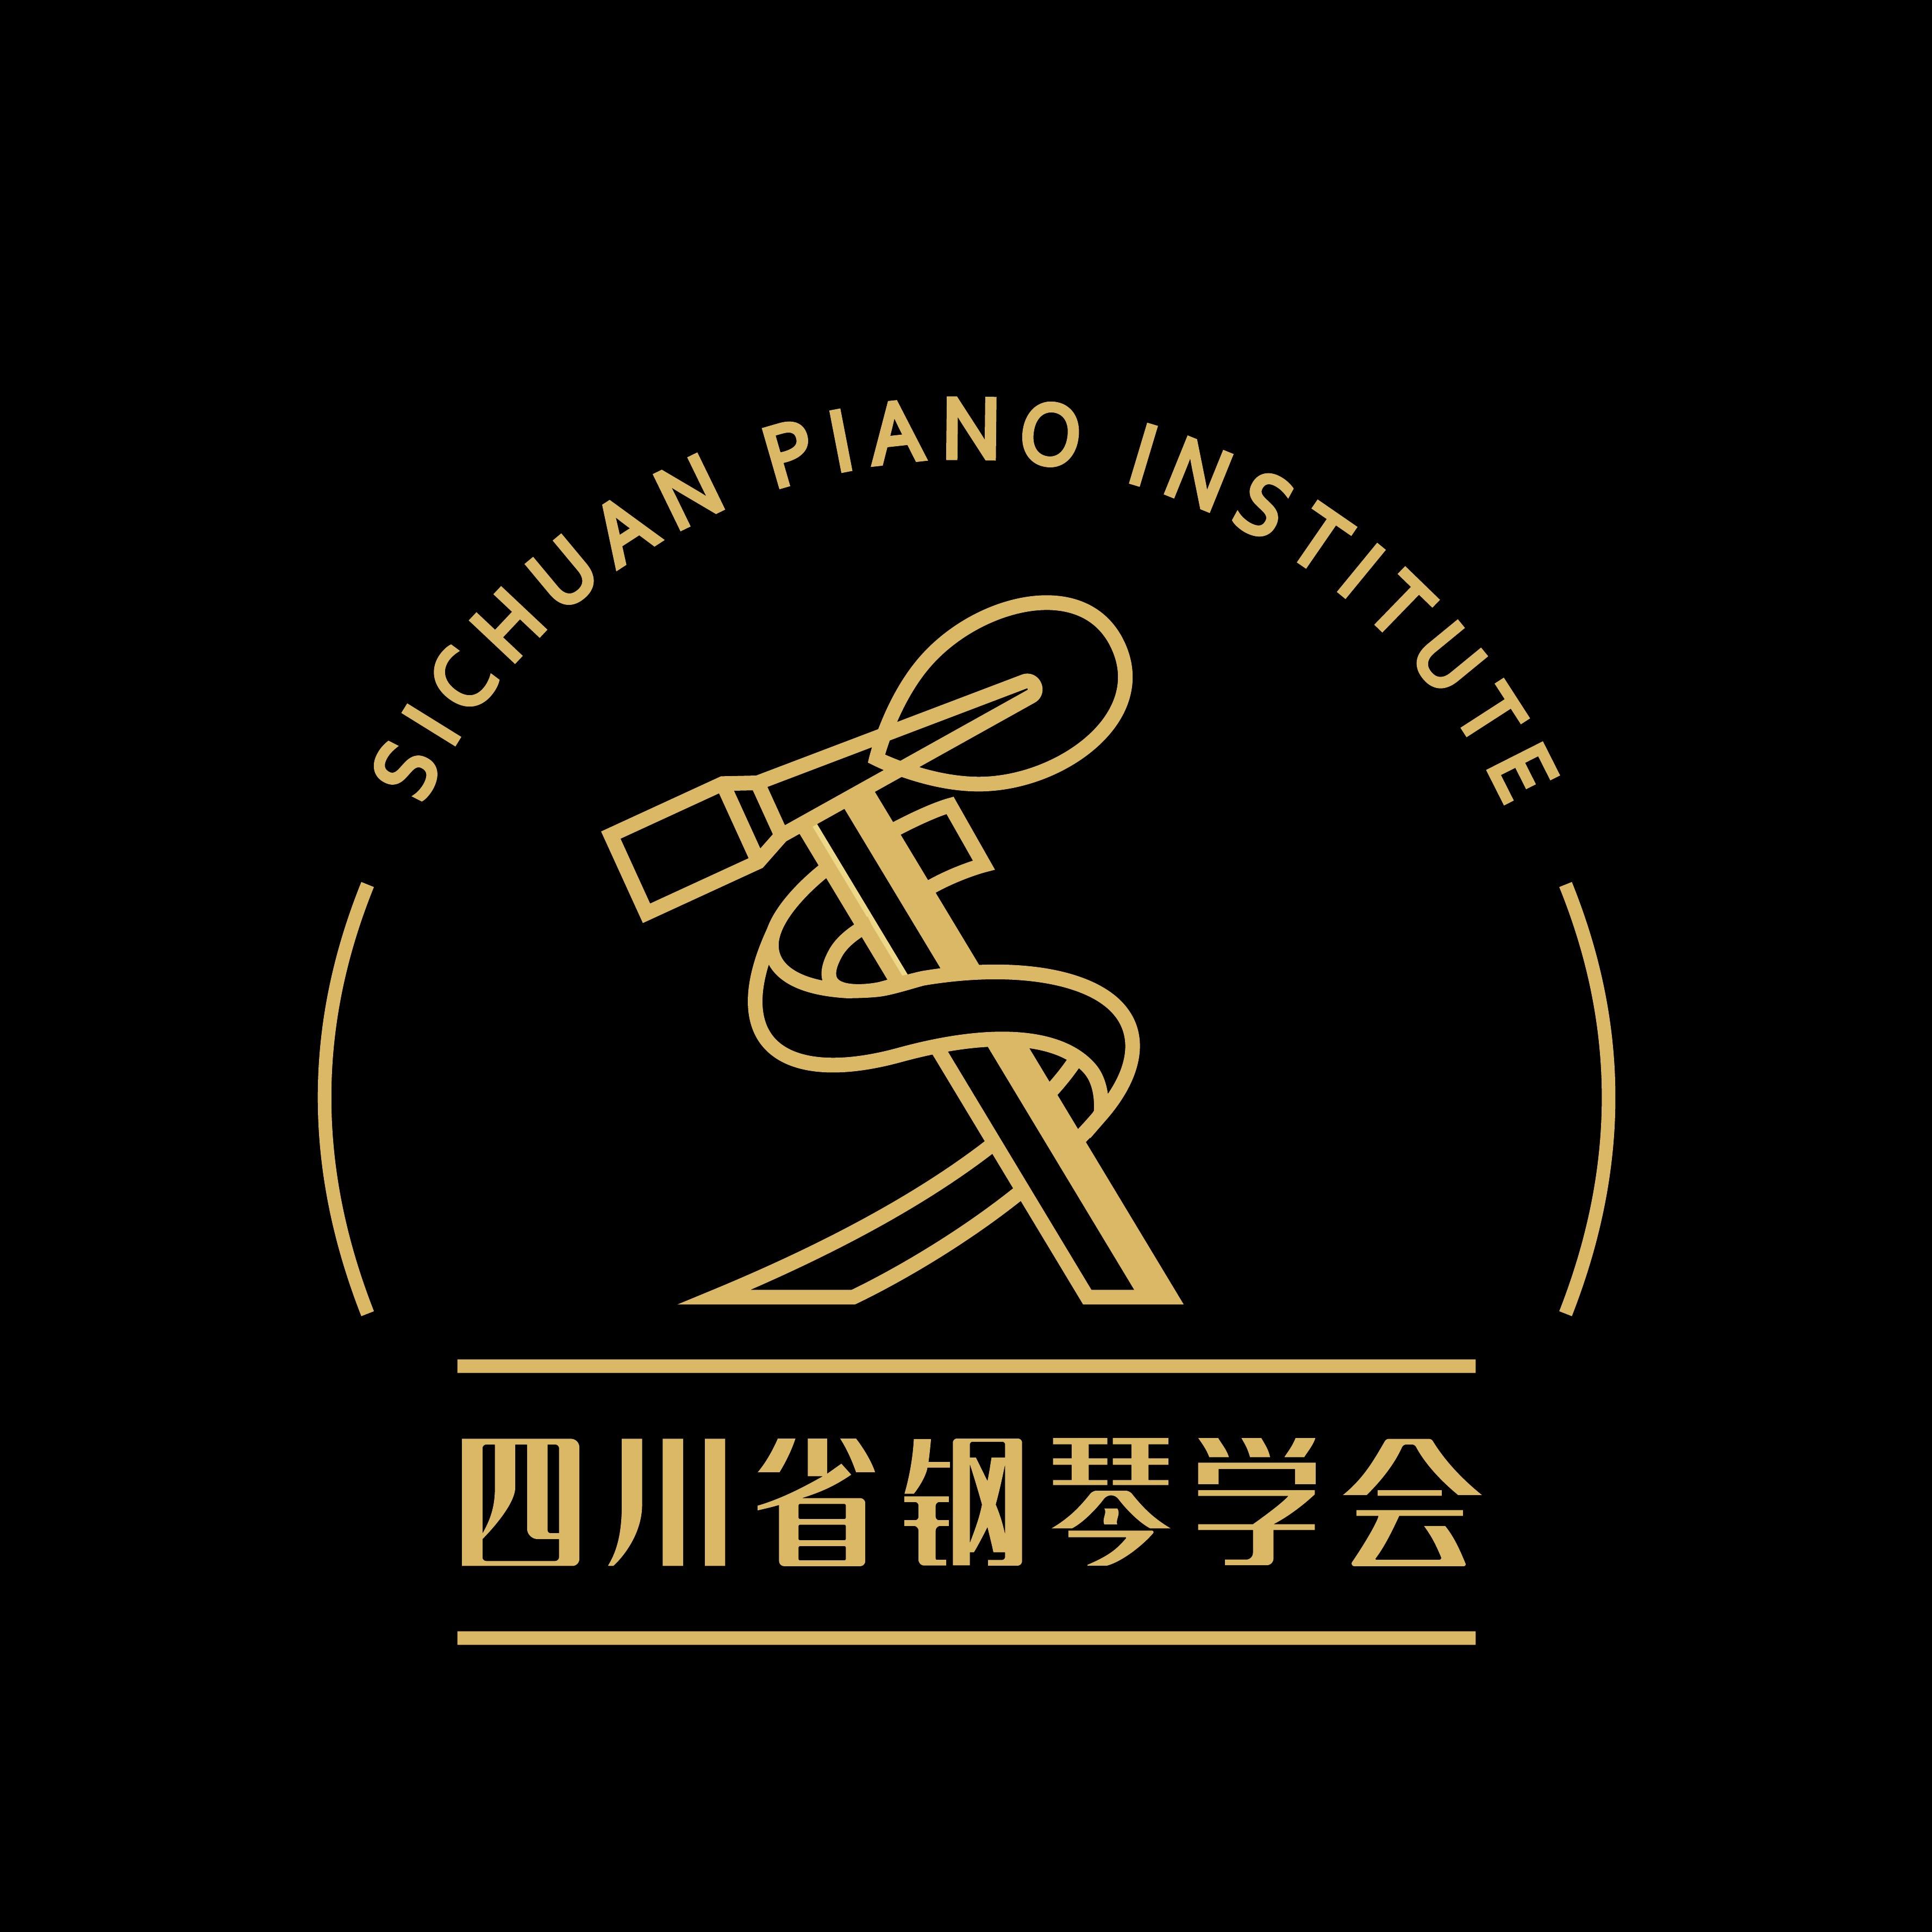 Sichuan Piano Institute (SPI)